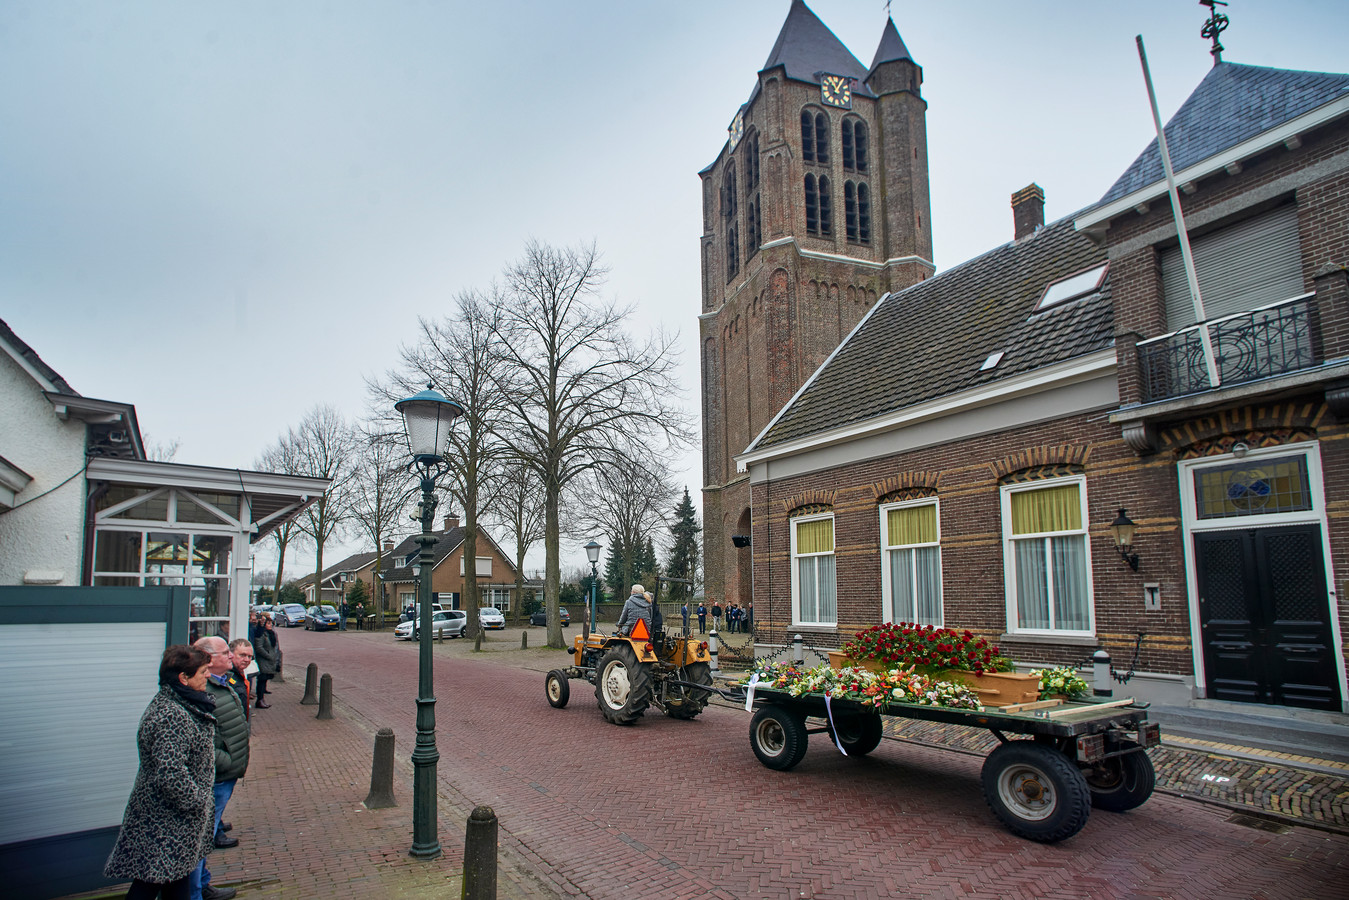 De uitvaart van Adriaan van Zandvoort, die met de tractor en platte kar naar de kerk in Geffen wordt gebracht.